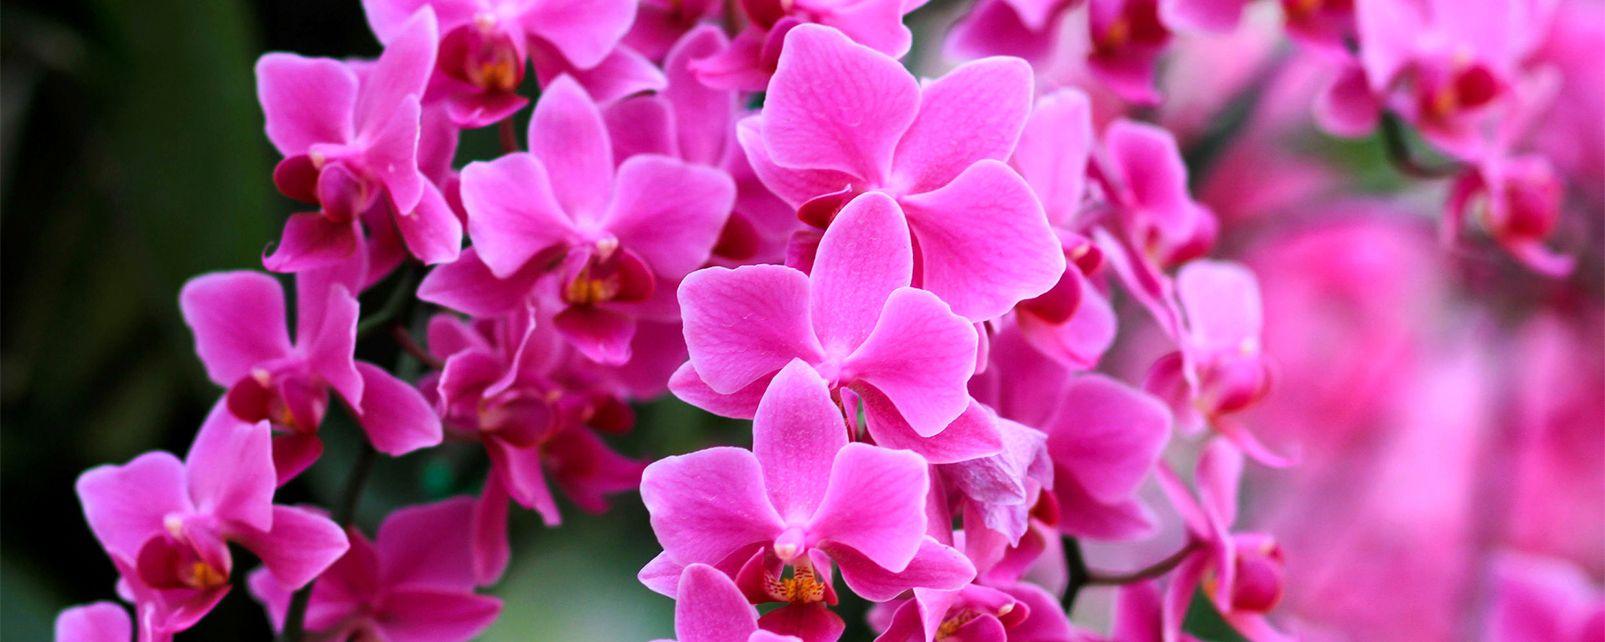 La faune et la flore, Afrique Malawi flore végétation nature fleur orchidée